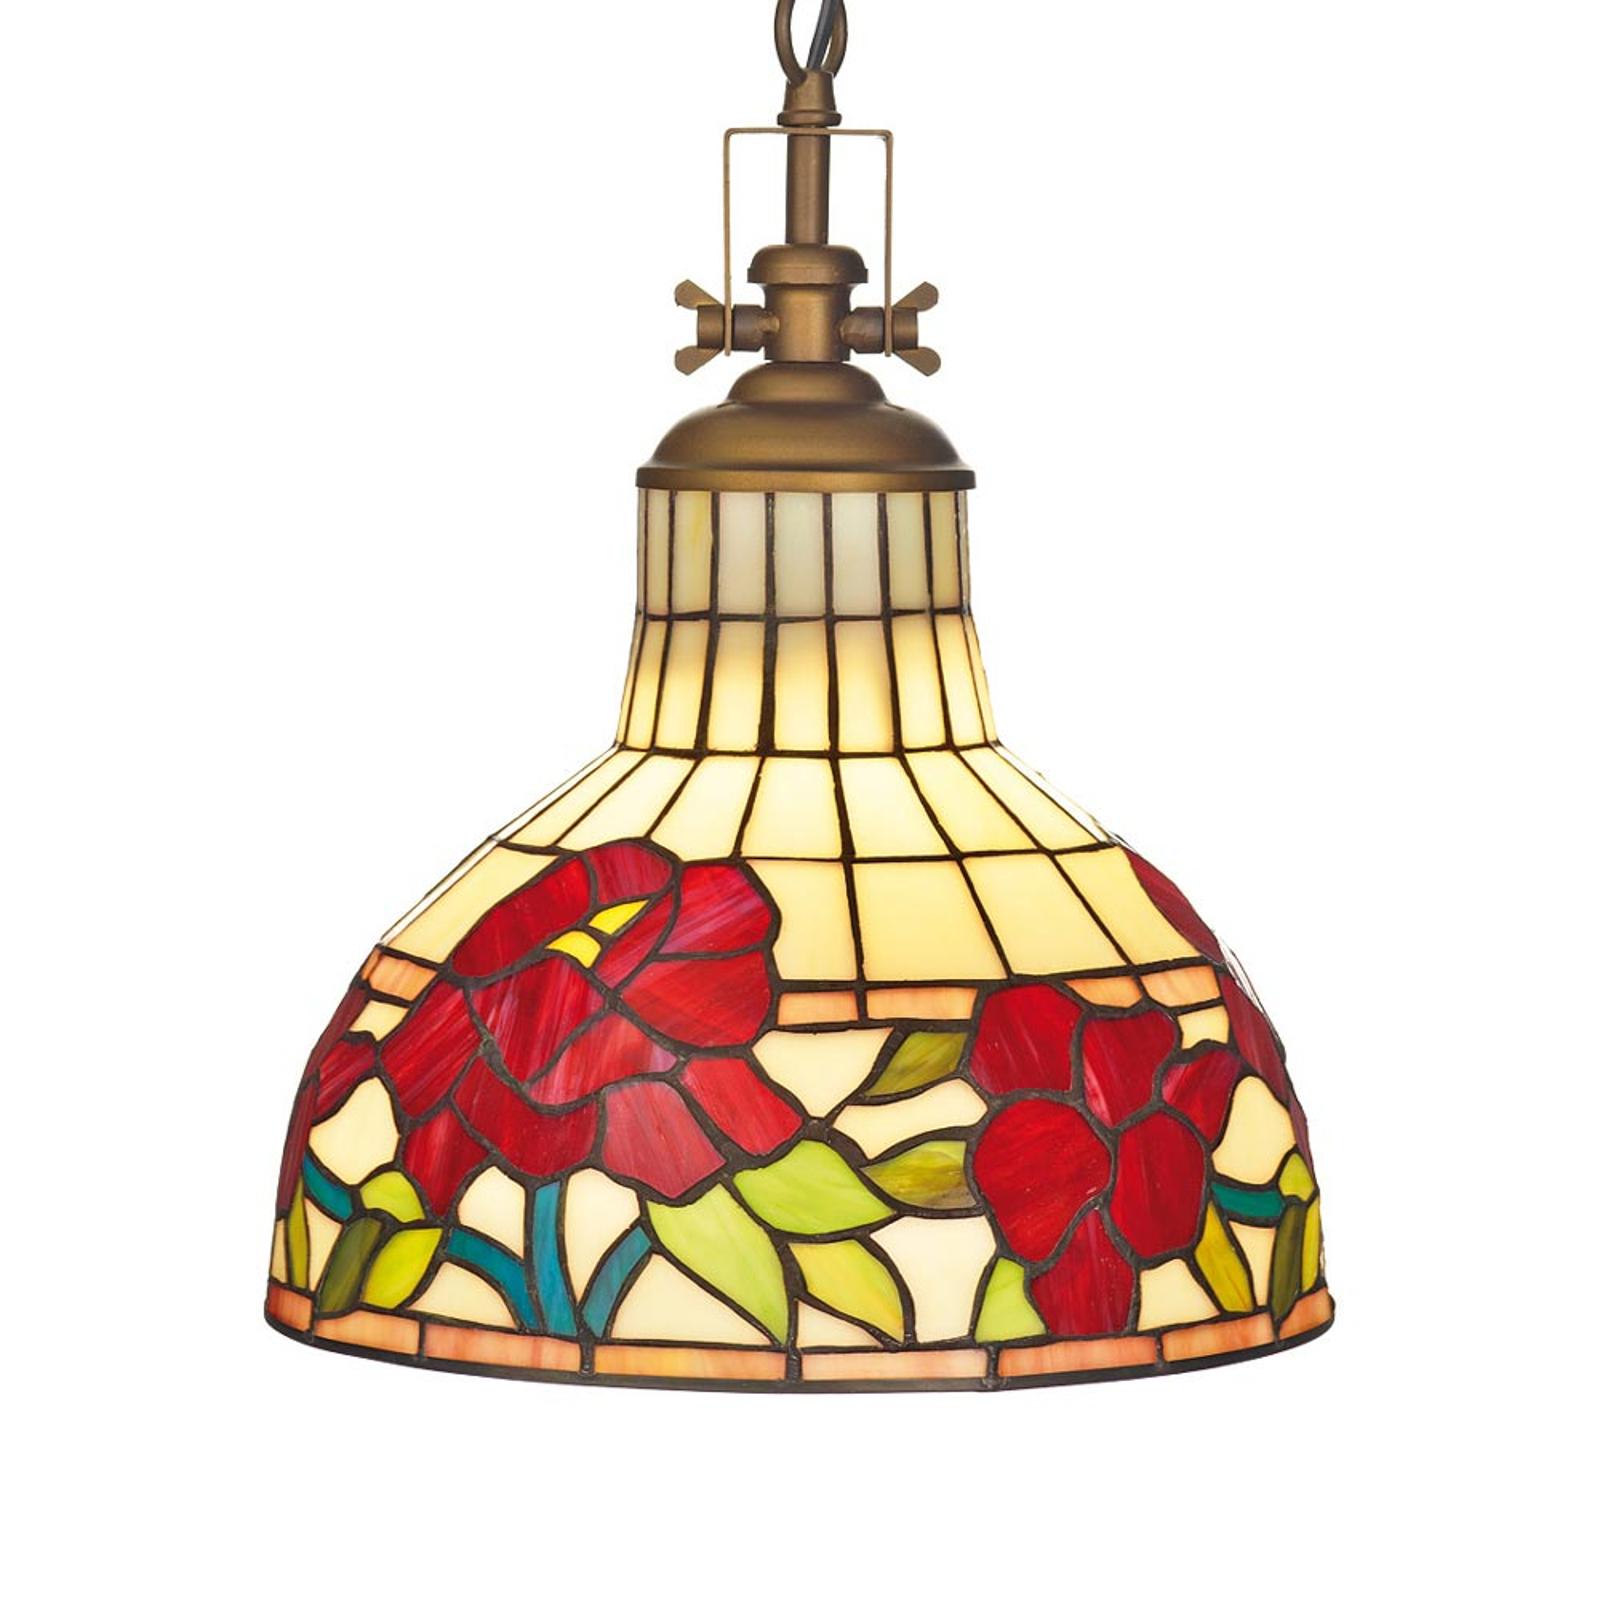 Lampa wisząca Yria w stylu Tiffany